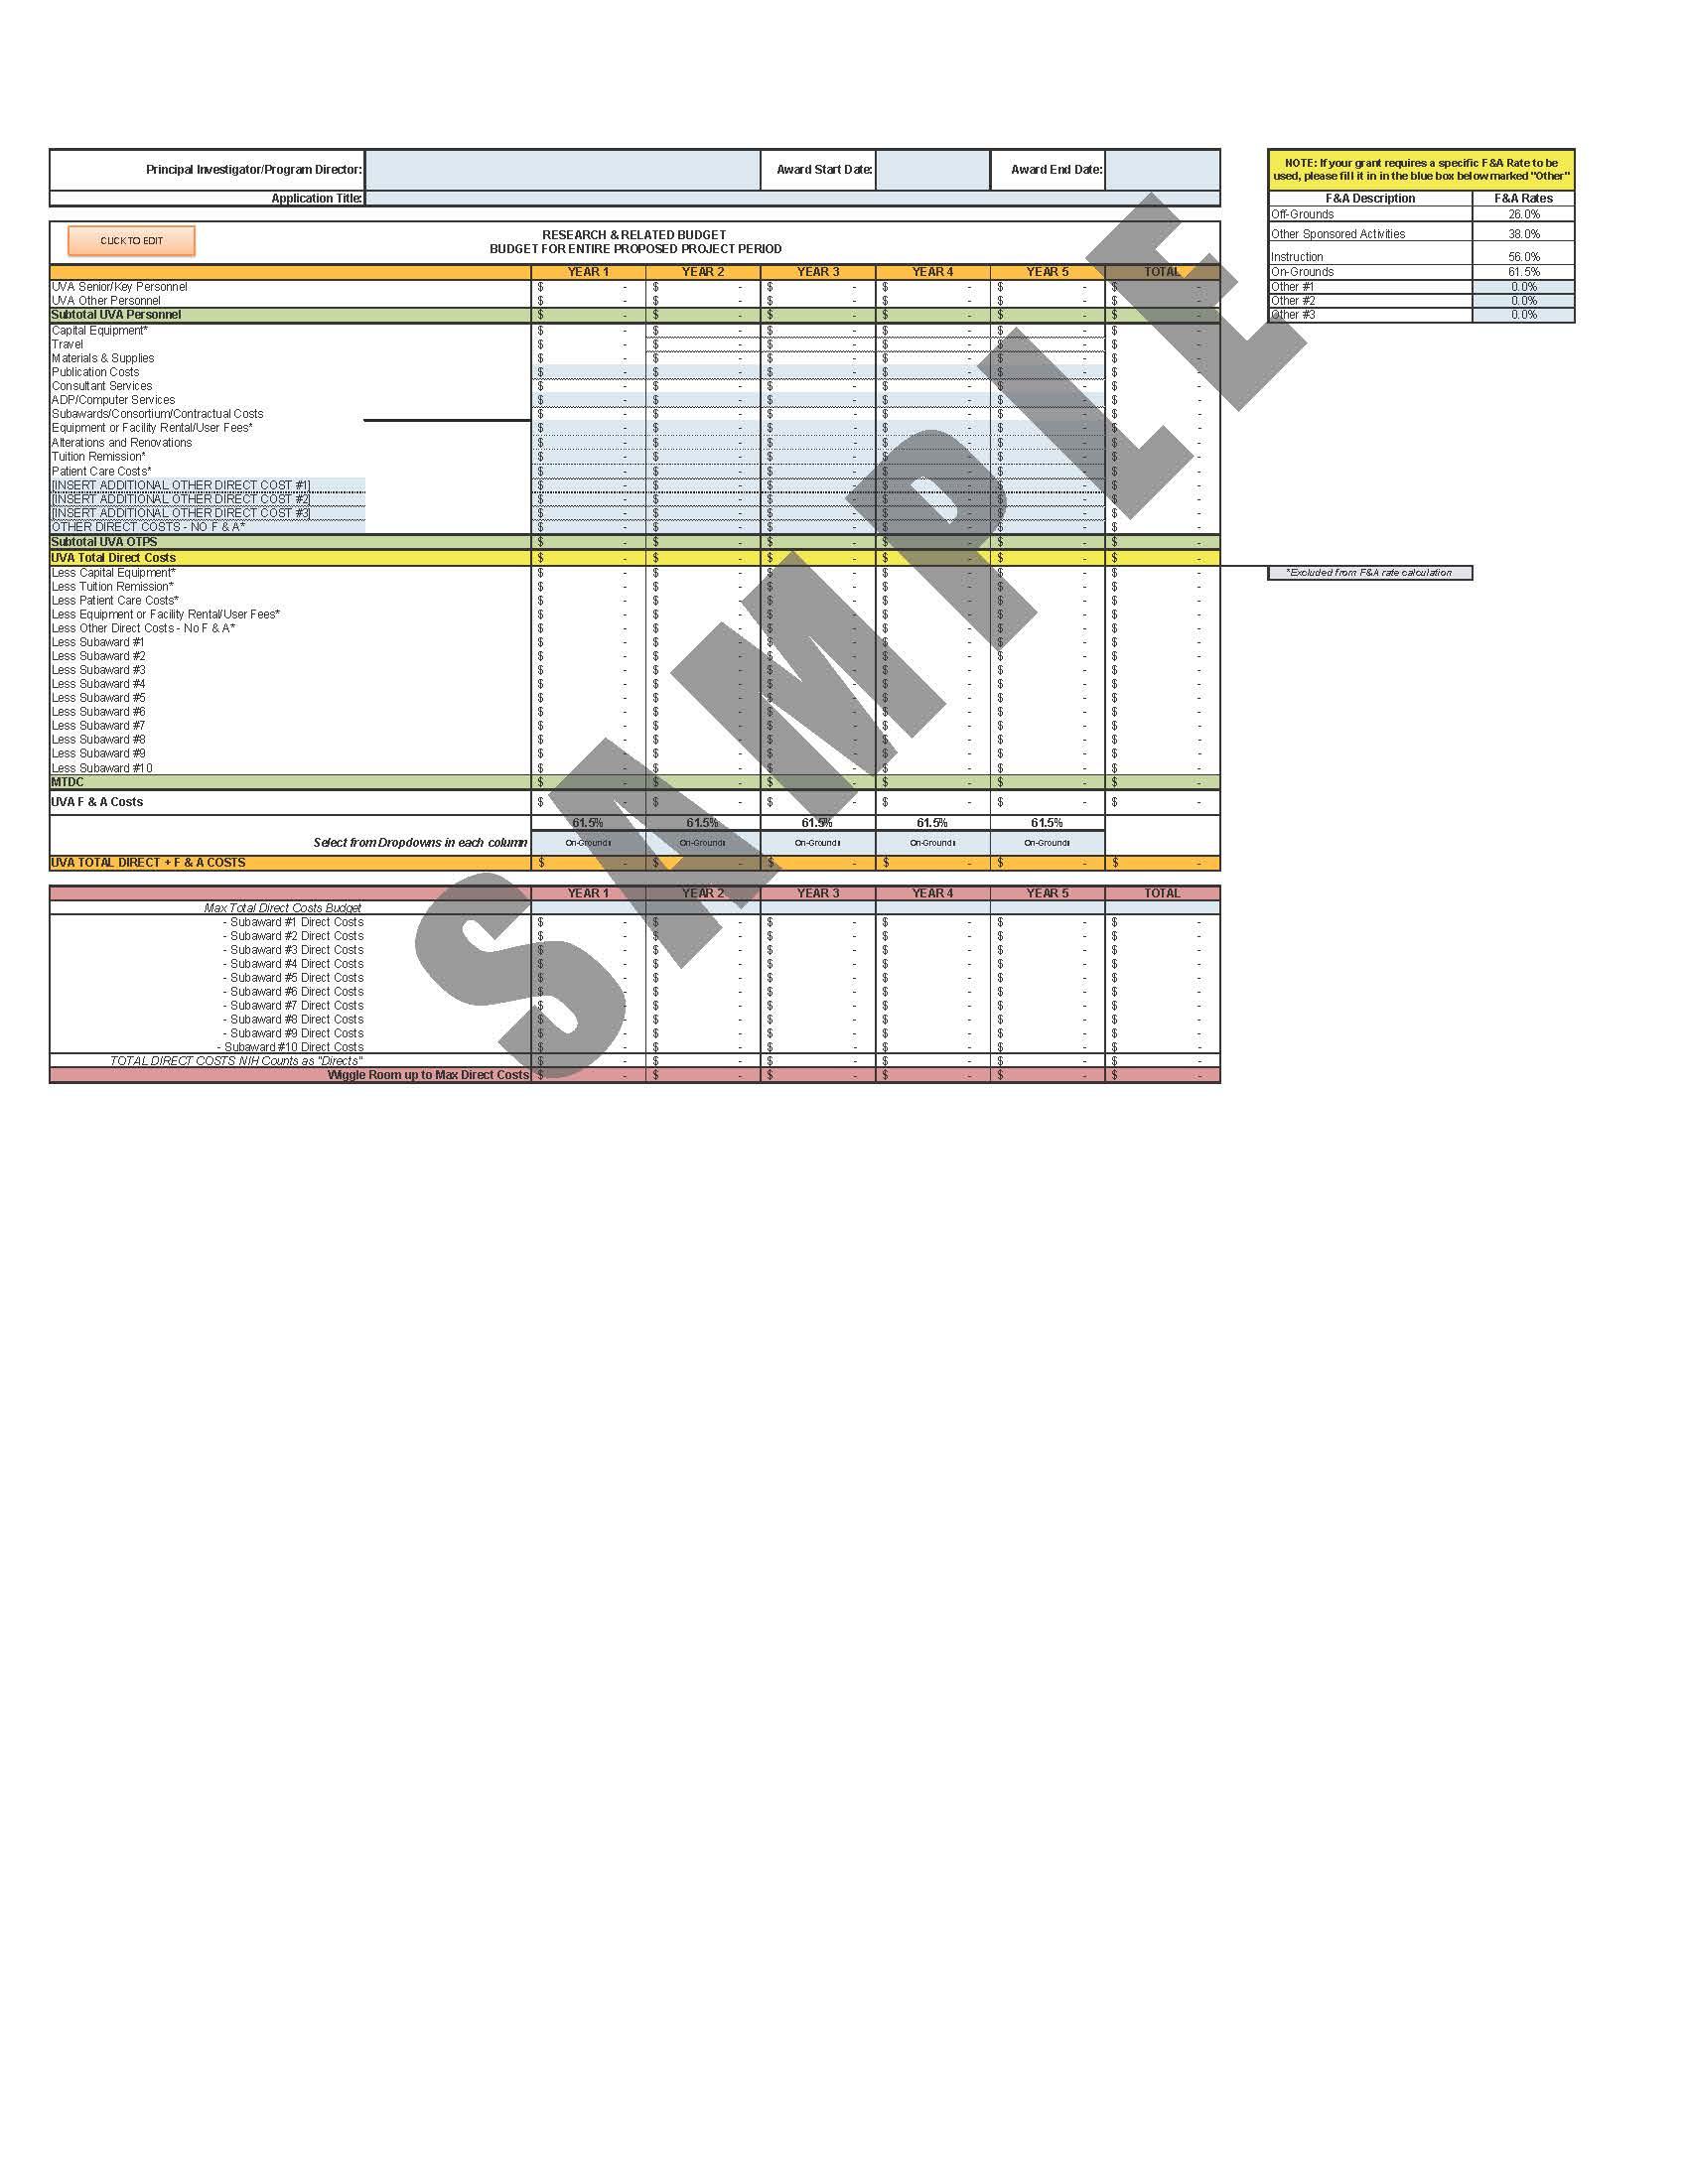 SOMOGC Budget Template